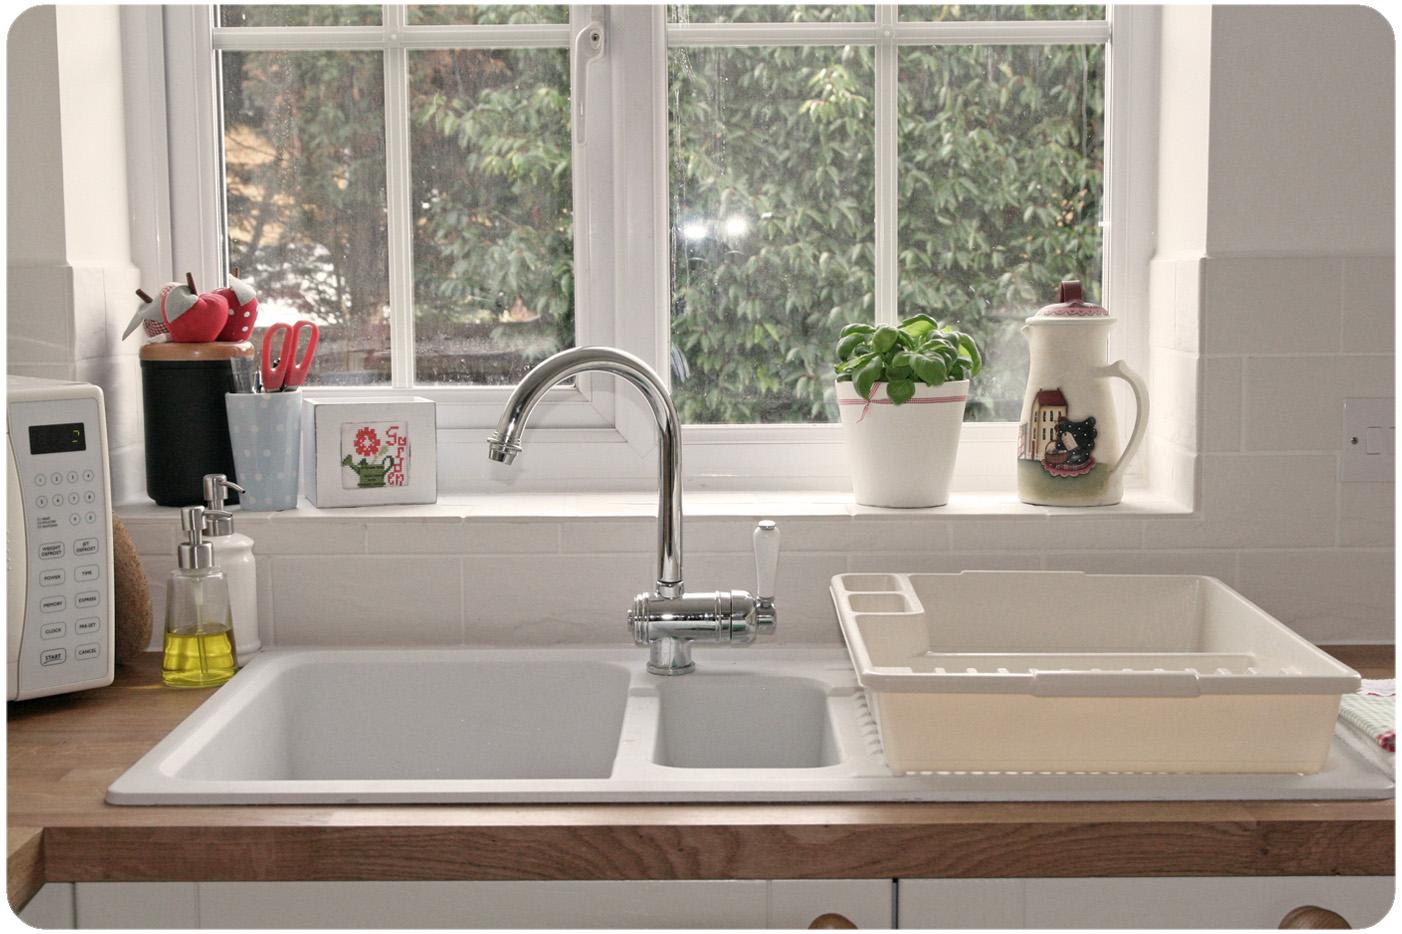 Cucine con finestra sopra lavello ts73 regardsdefemmes - Cucine moderne con finestra sul lavello ...